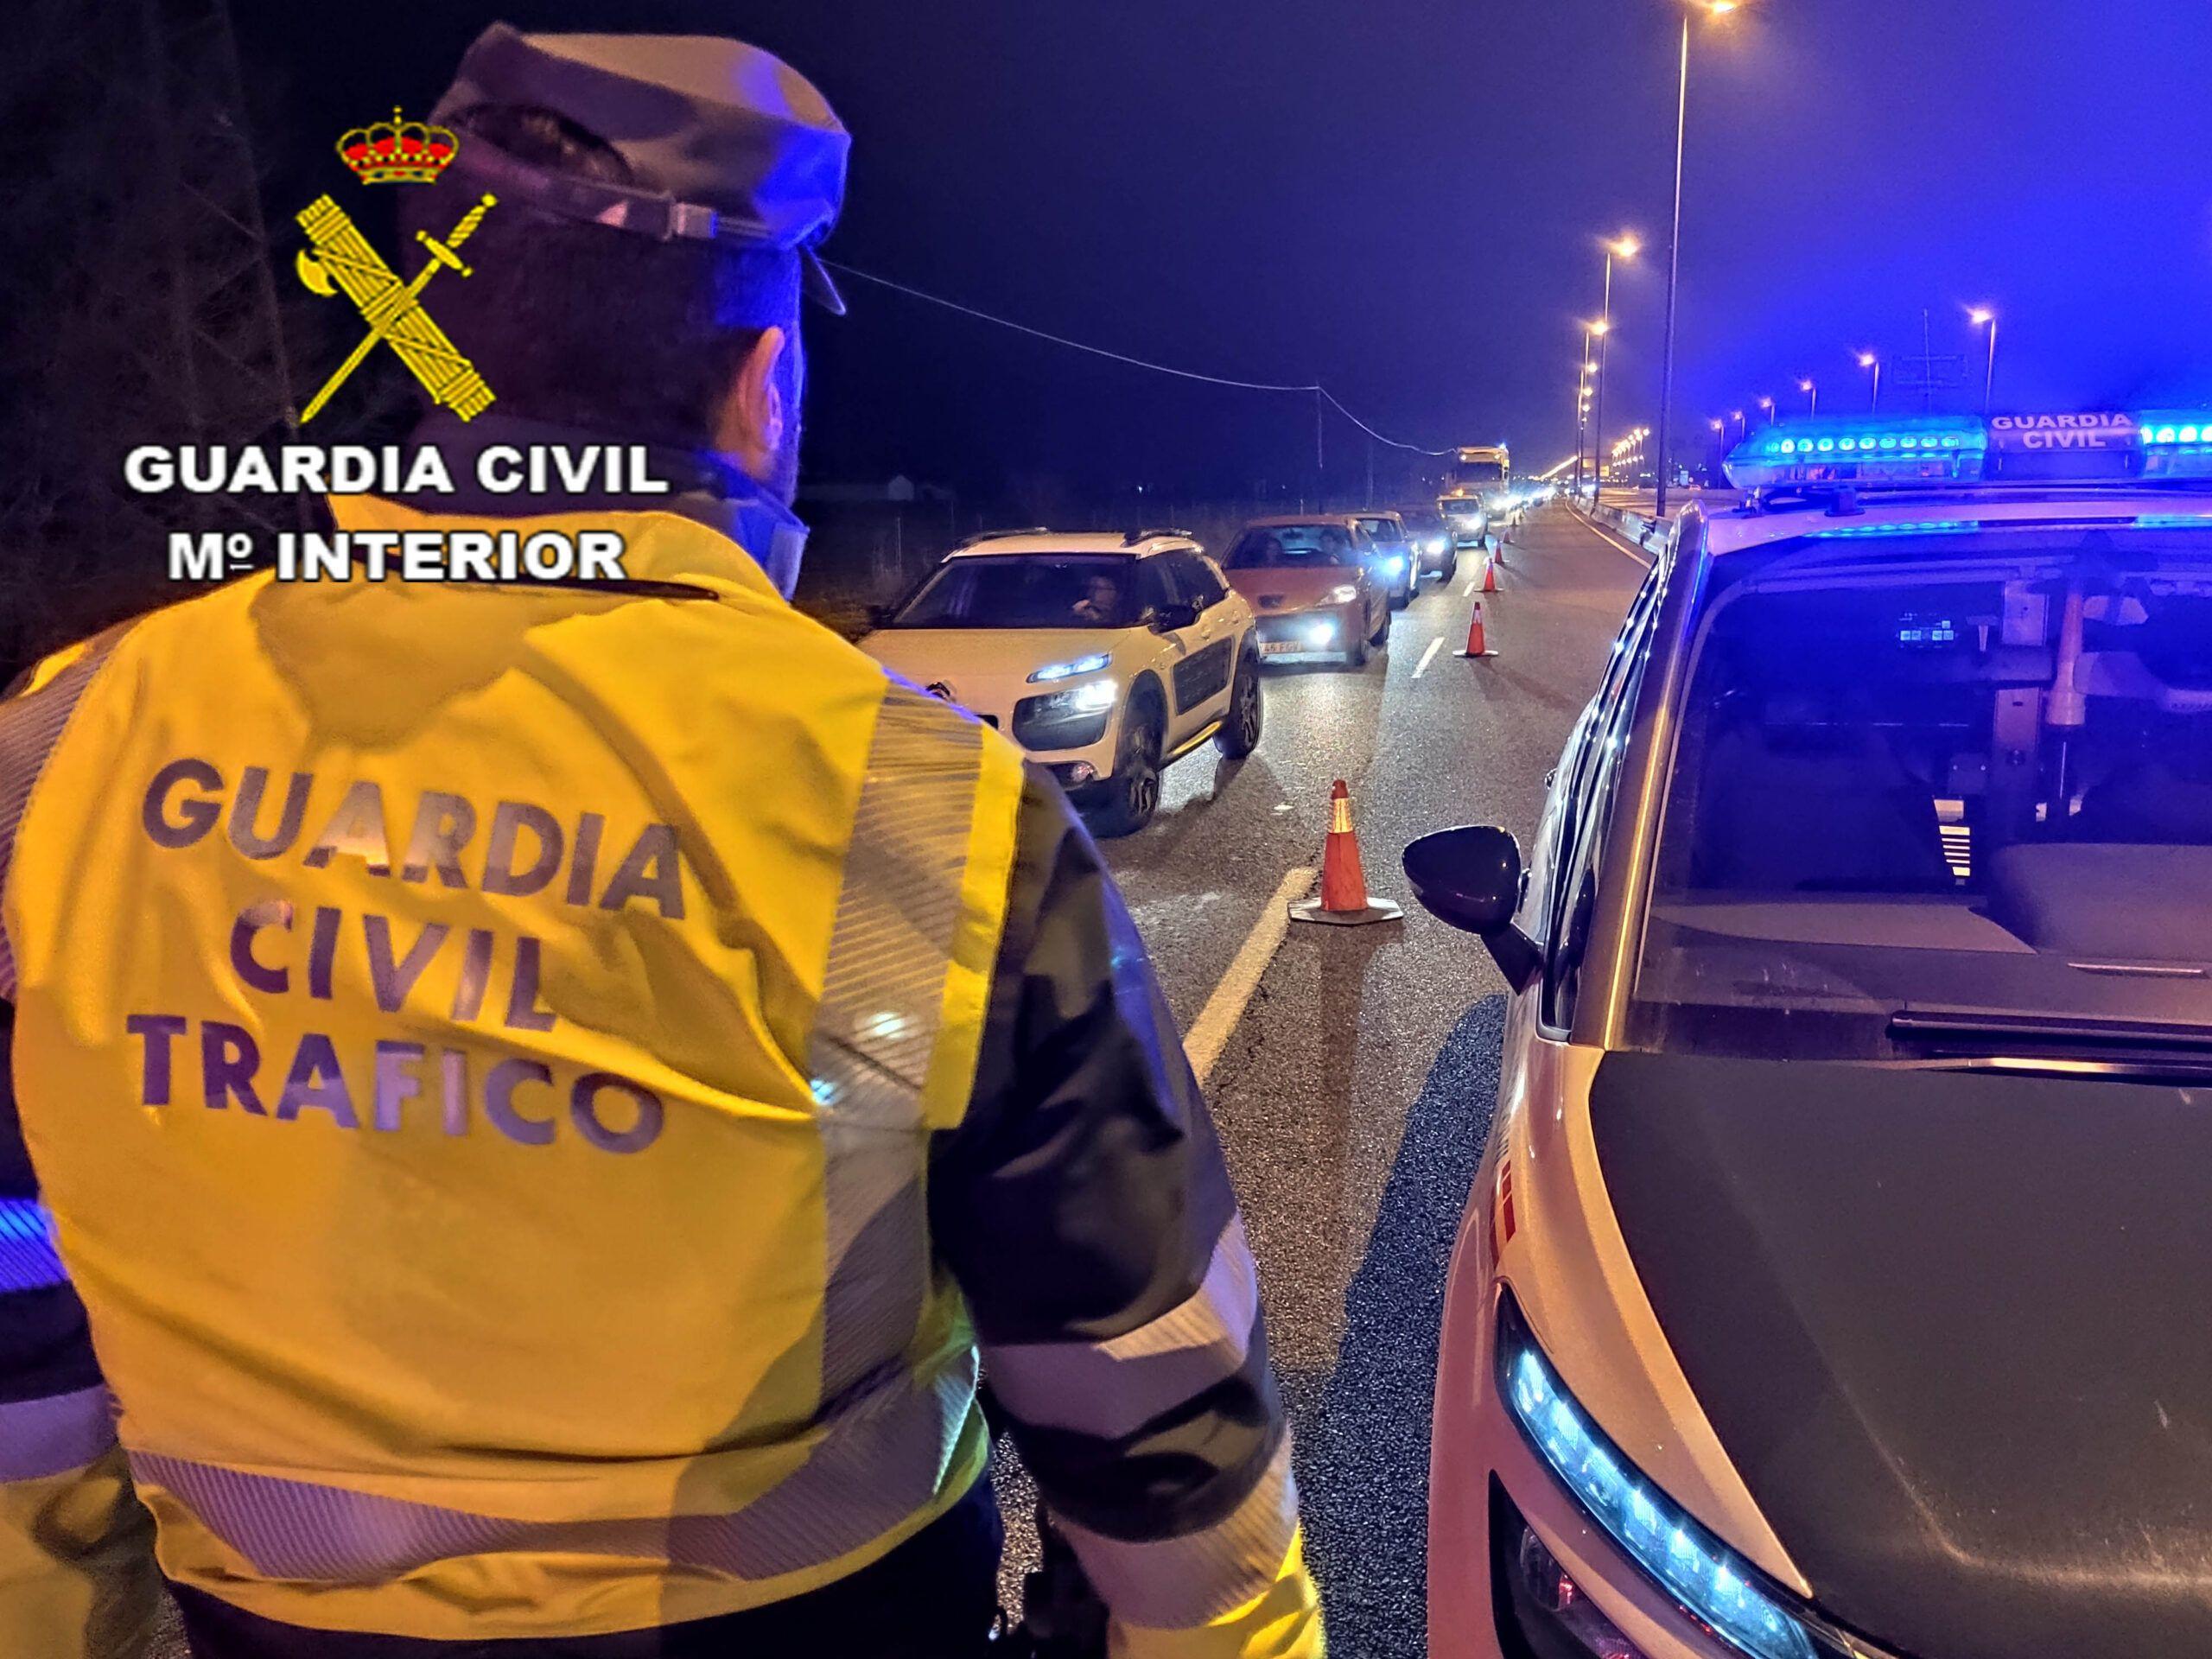 La Guardia Civil investiga a un conductor como presunto autor de un delito de homicidio por imprudencia grave